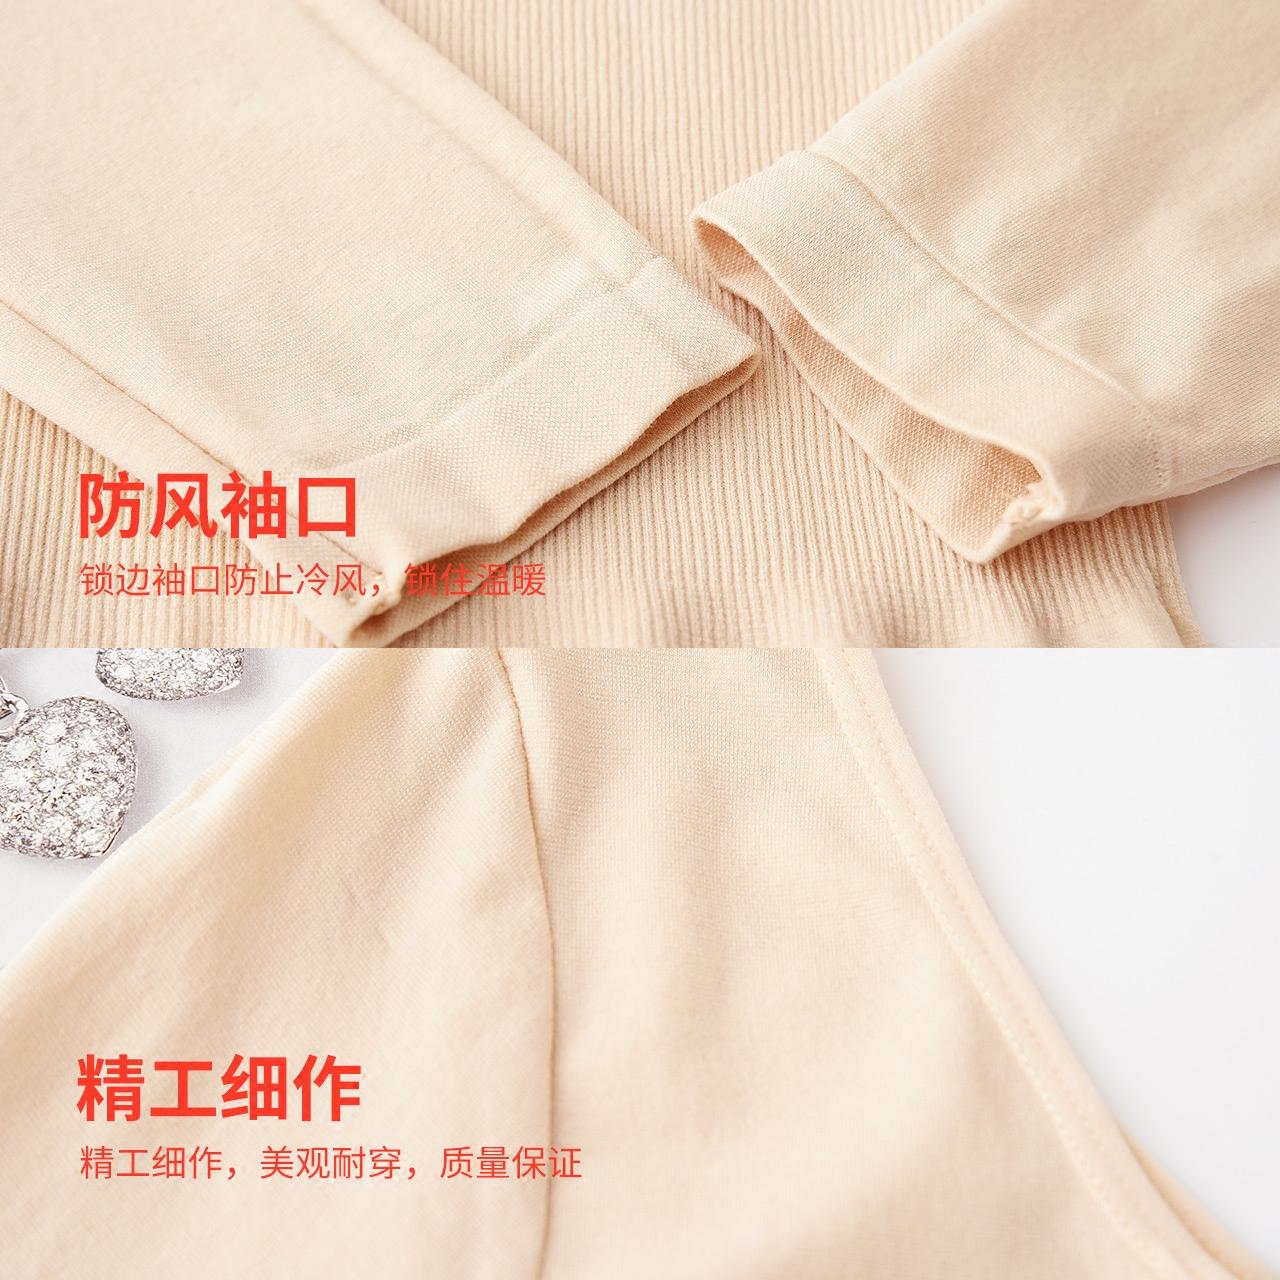 保暖内衣女薄款低领打底衫肉色加绒上衣修身长袖紧身单件内穿秋衣